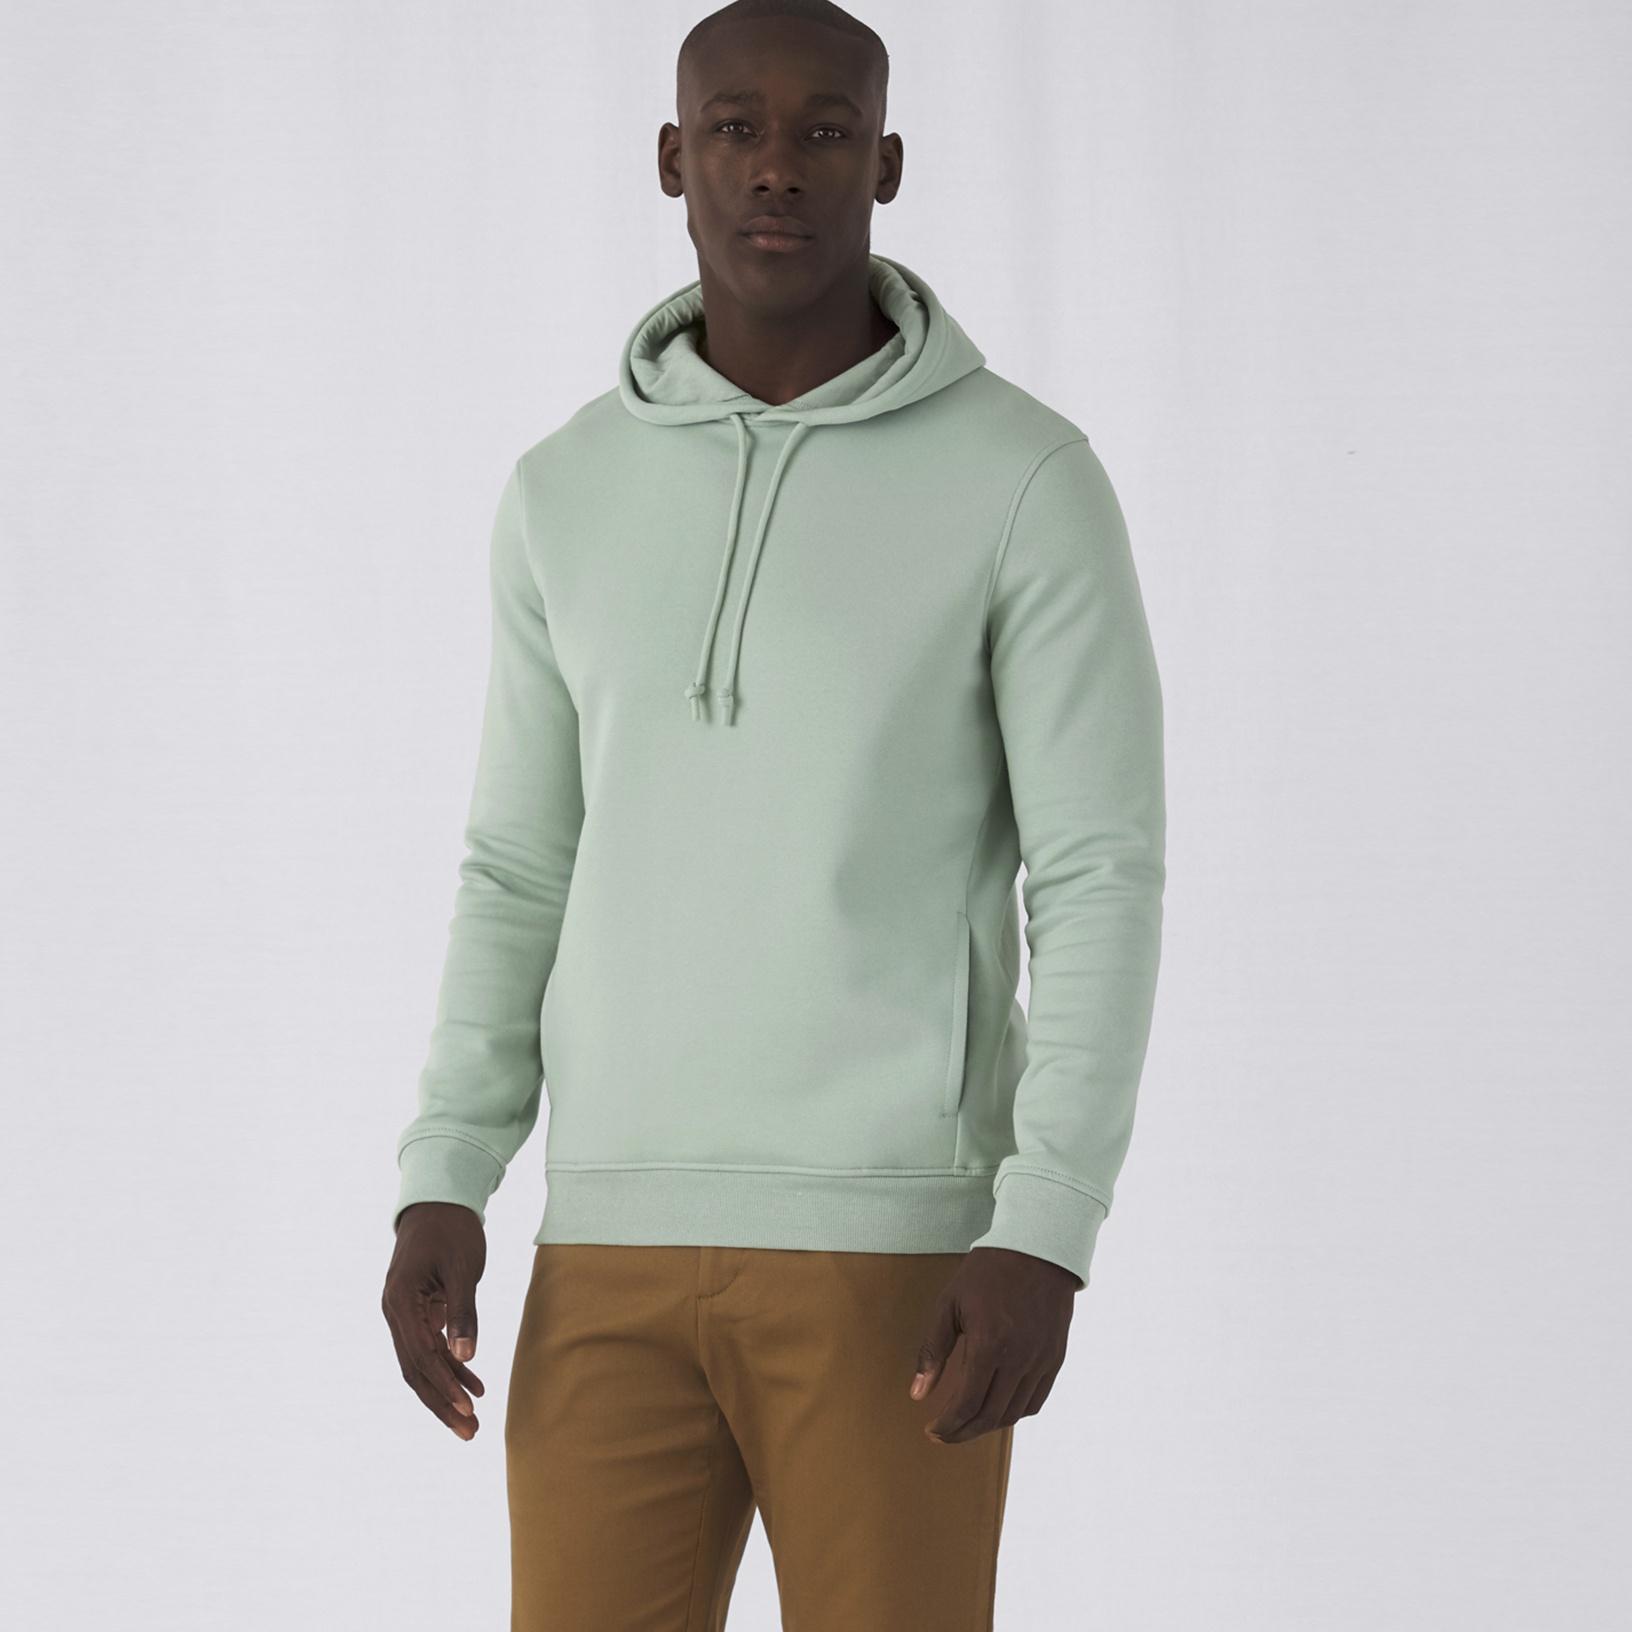 sustainable hoodie organic hoodie organic sweatshirt Hoodie sweatshirt